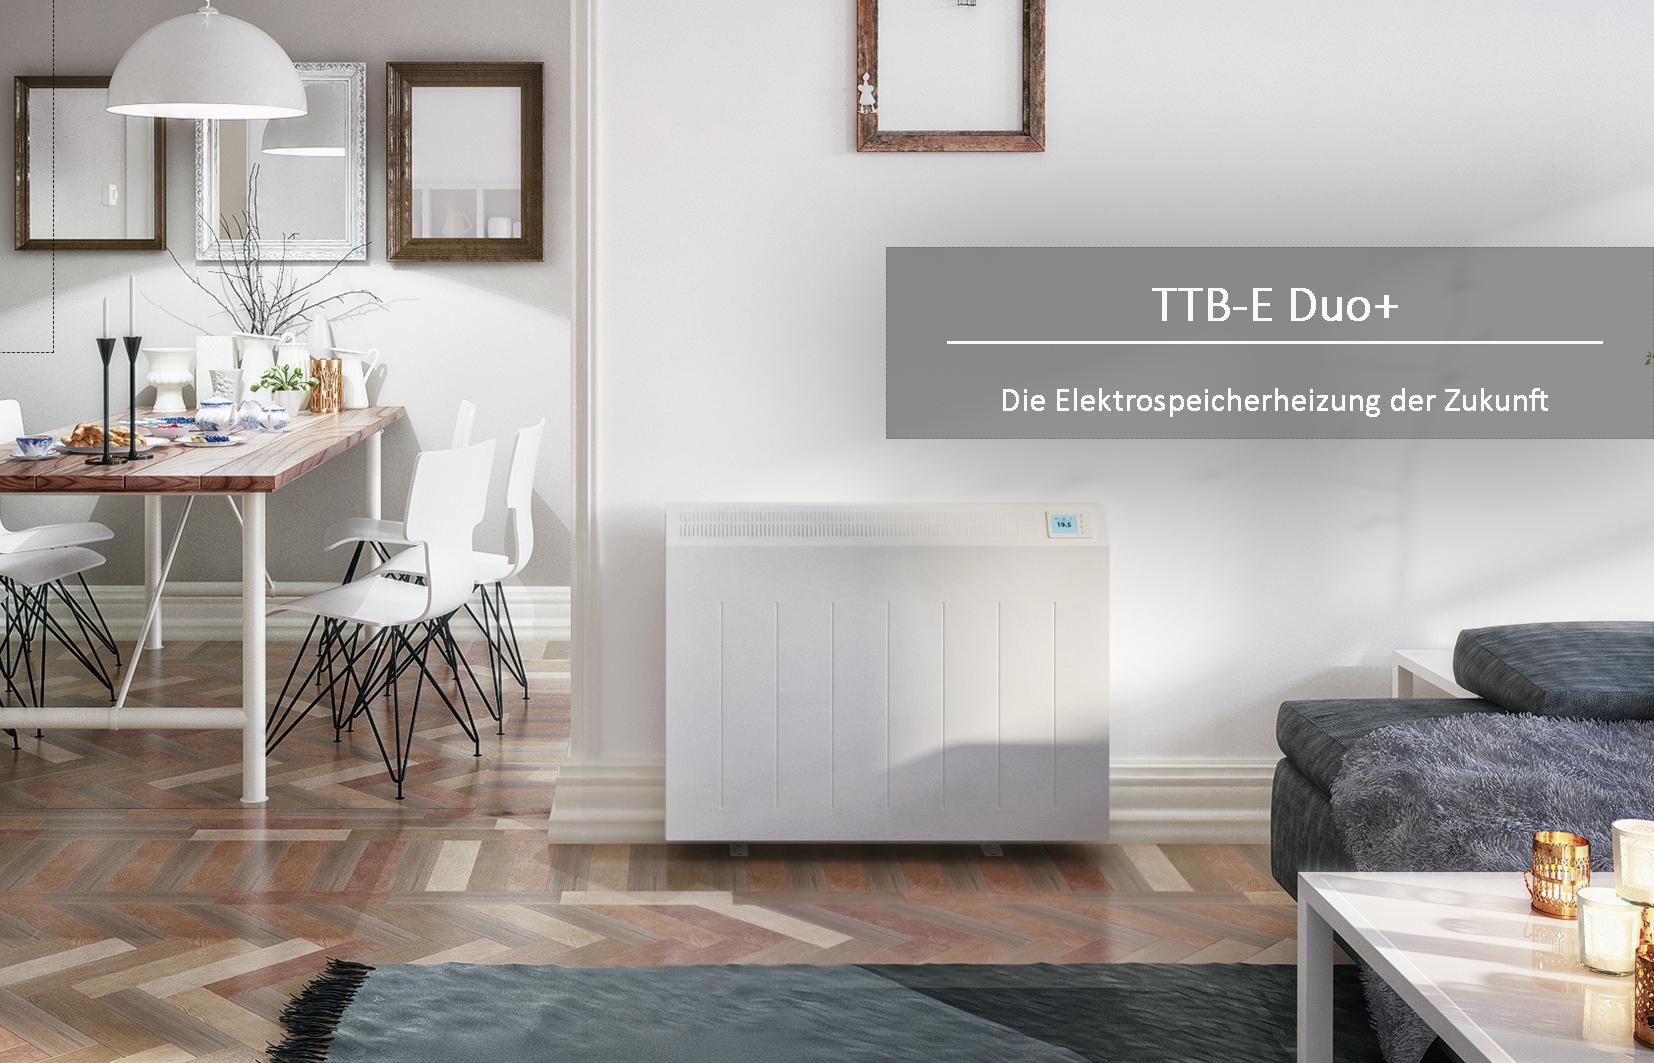 TTB-E Duo+